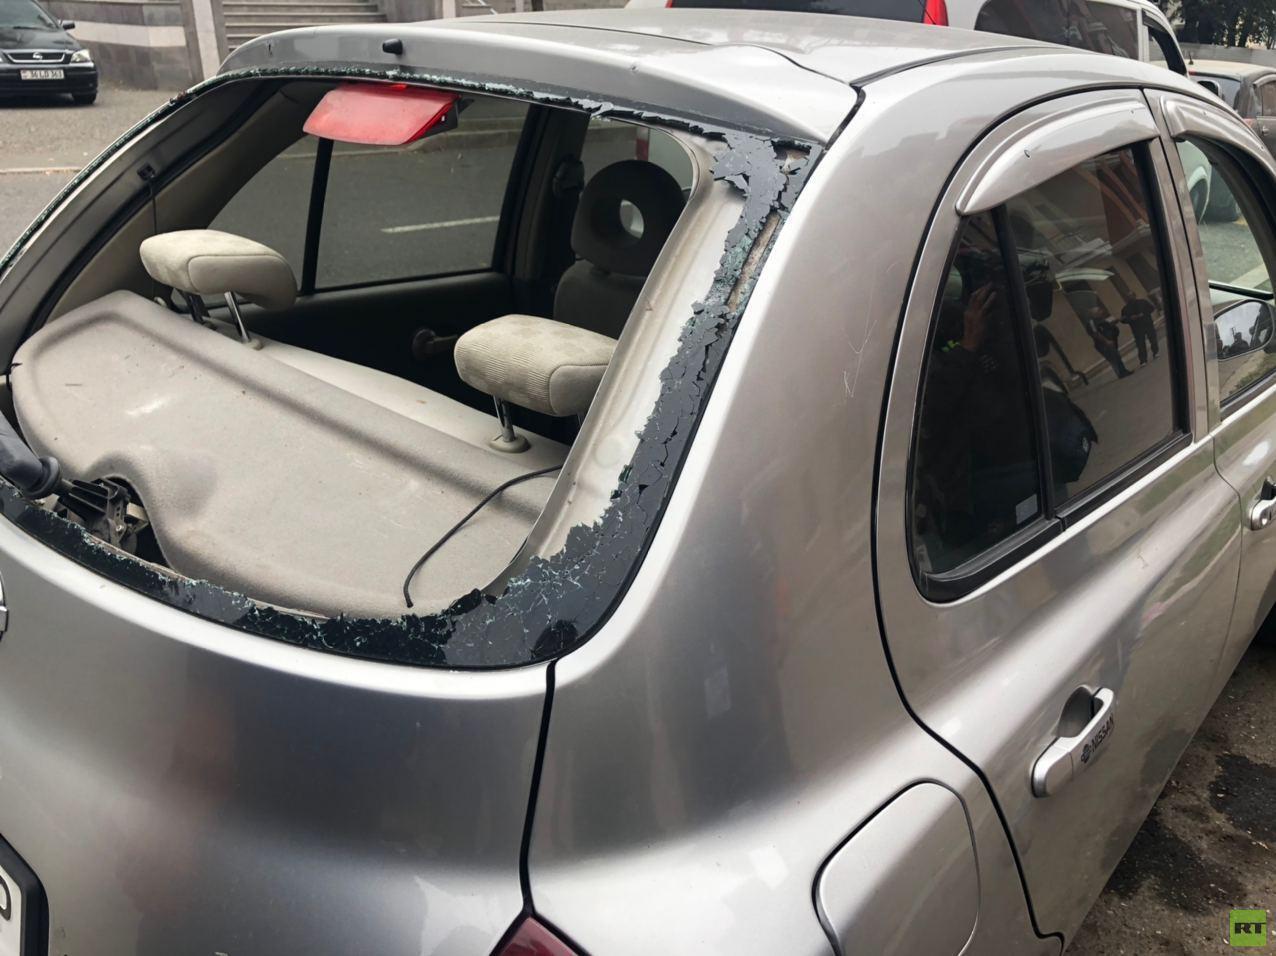 إصابة 4 صحفيين منهم فرنسيان جراء القصف الأذري في قره باغ ونجاة آخرين بينهم عرب